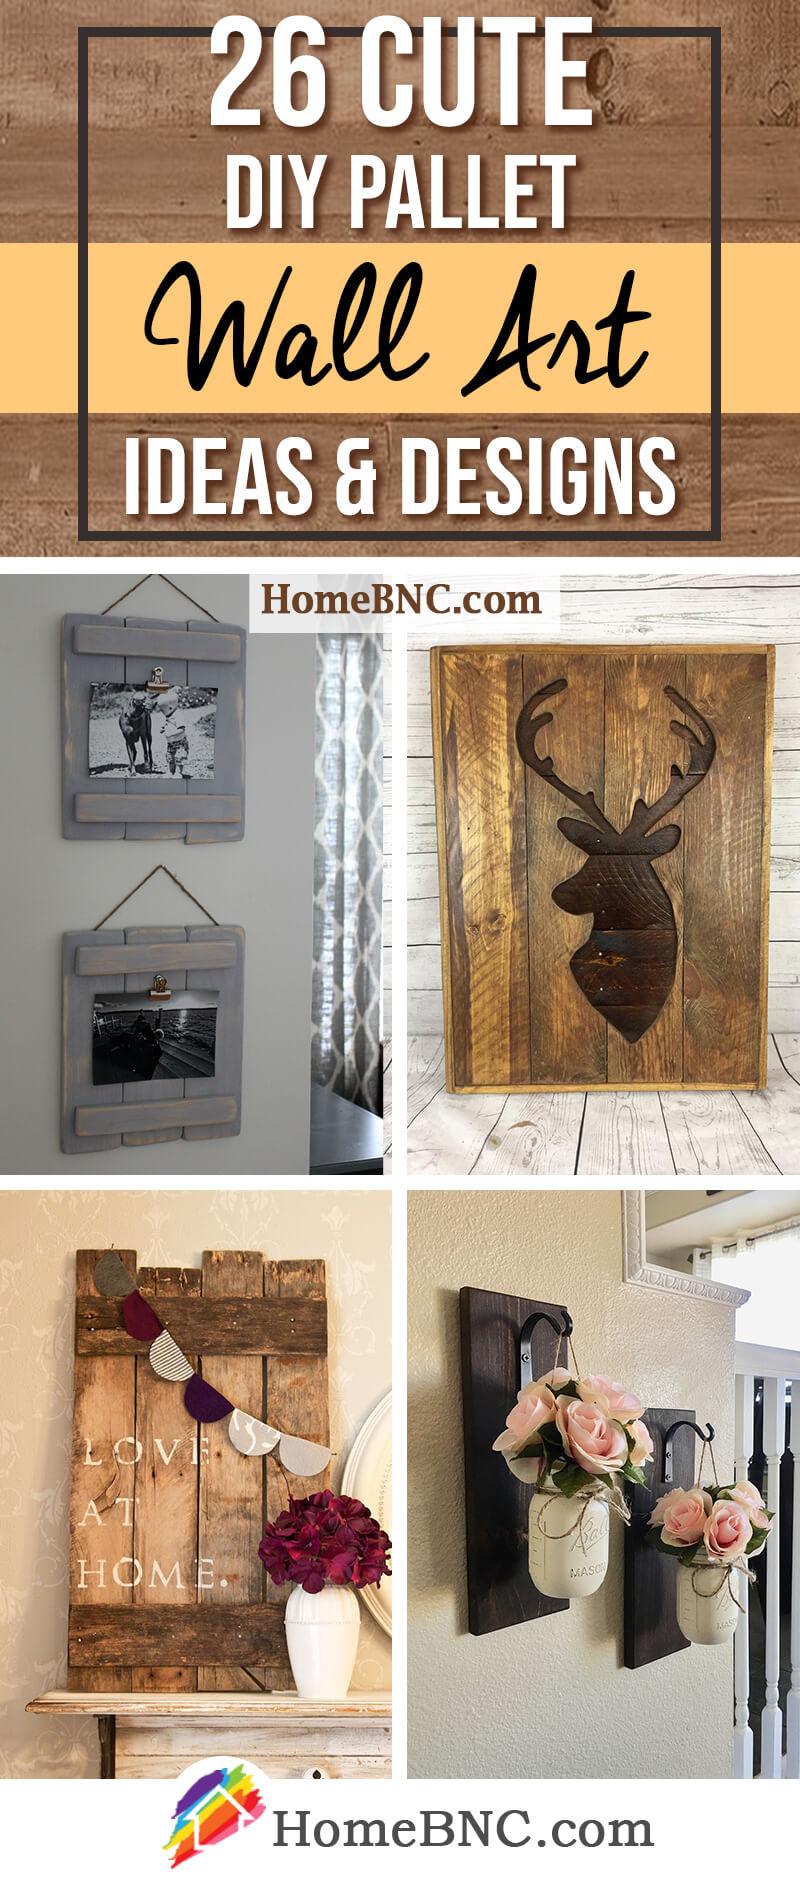 Best DIY Pallet Wall Decor and Art Ideas